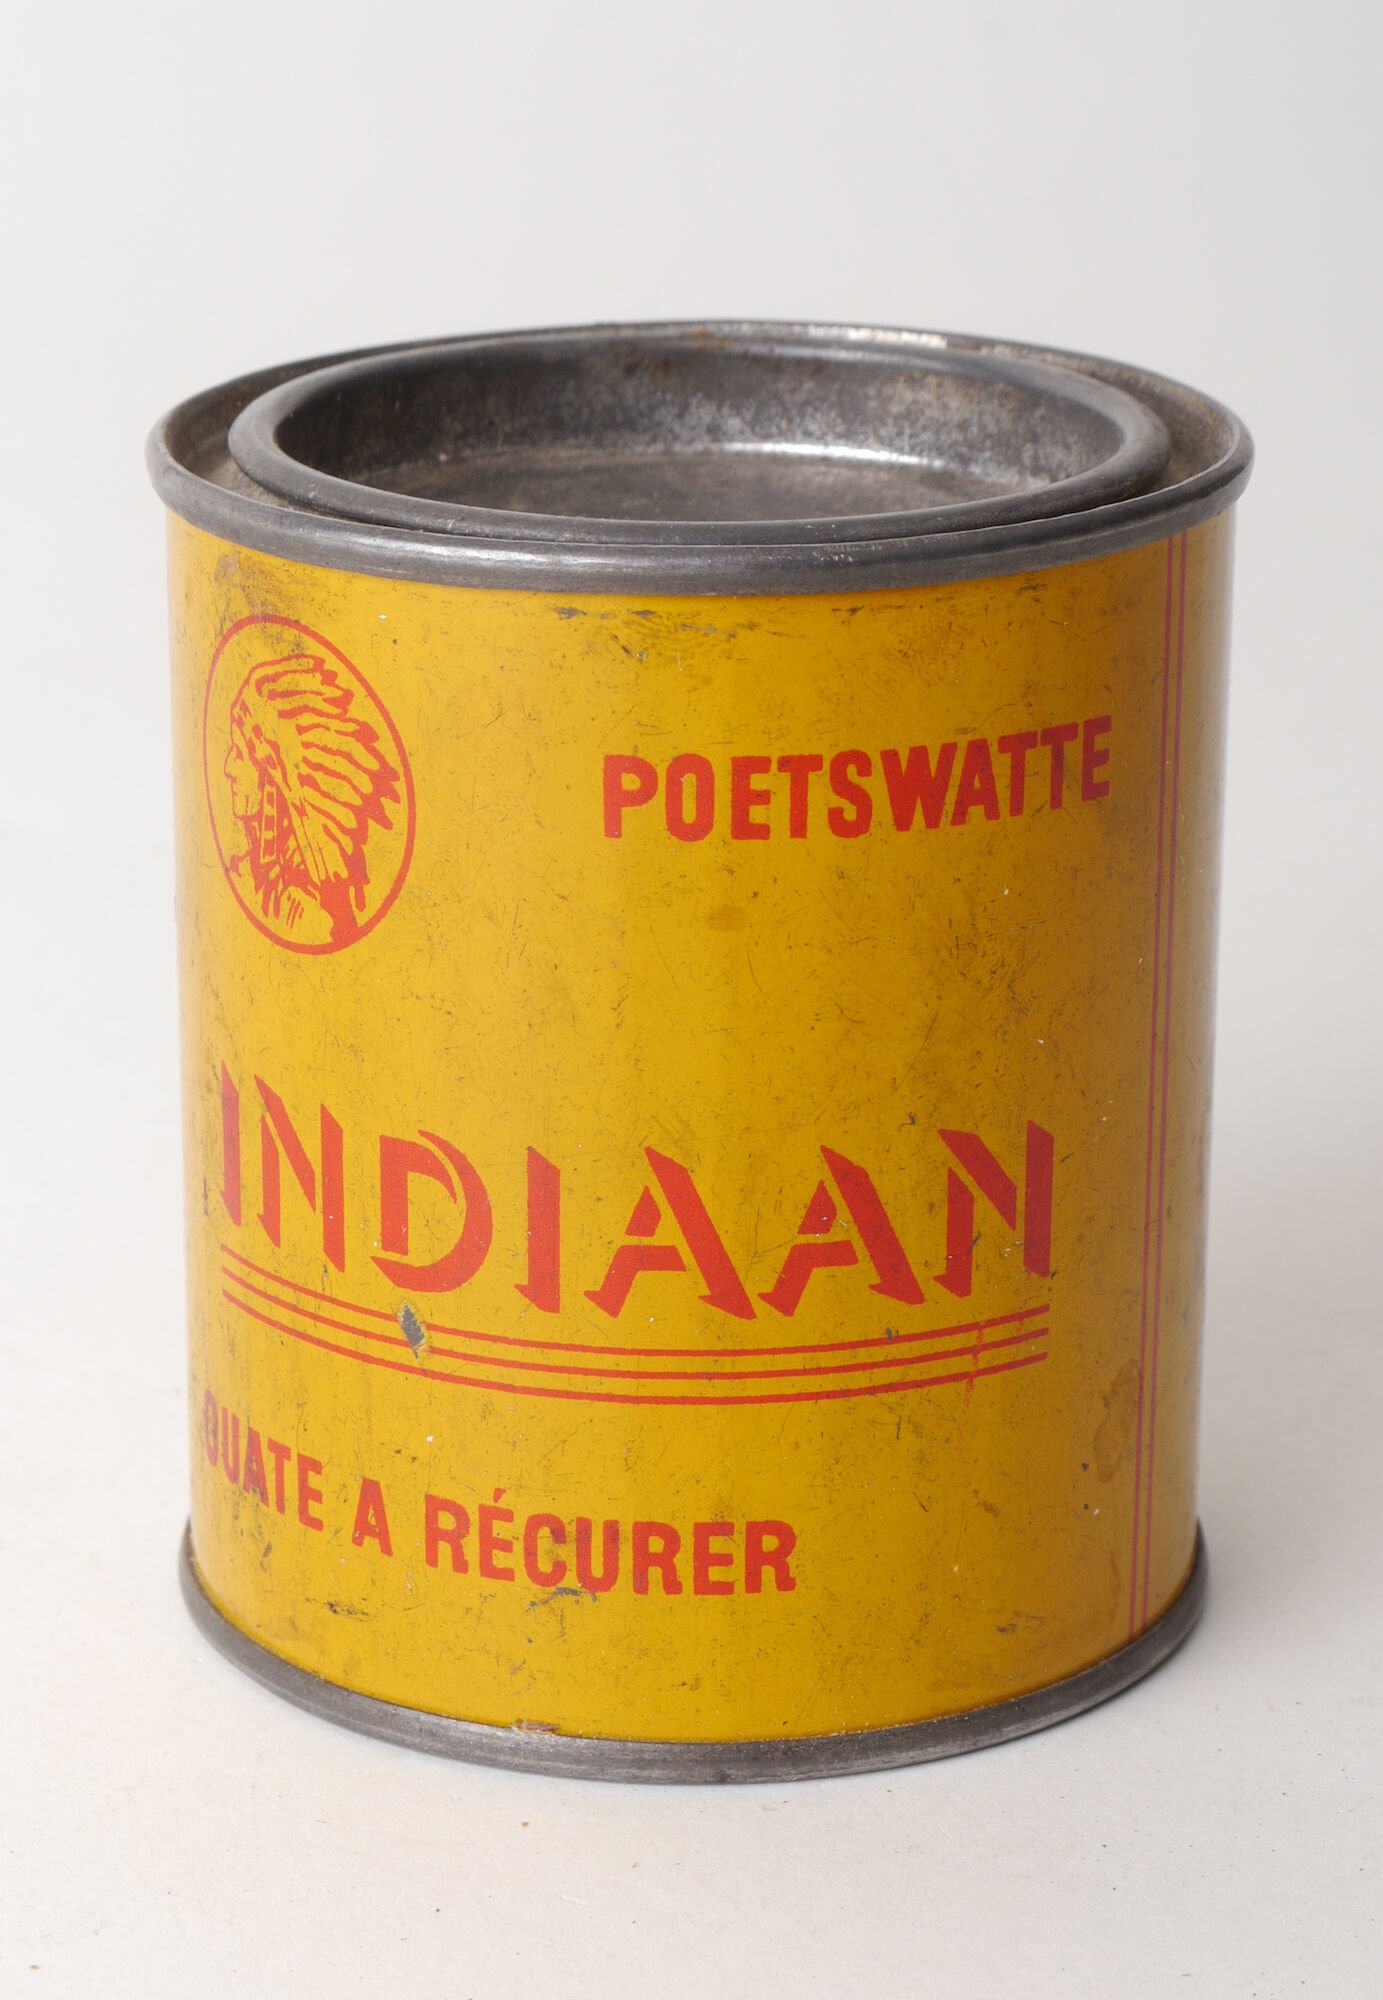 Blik met poetswatten van het merk Indiaan